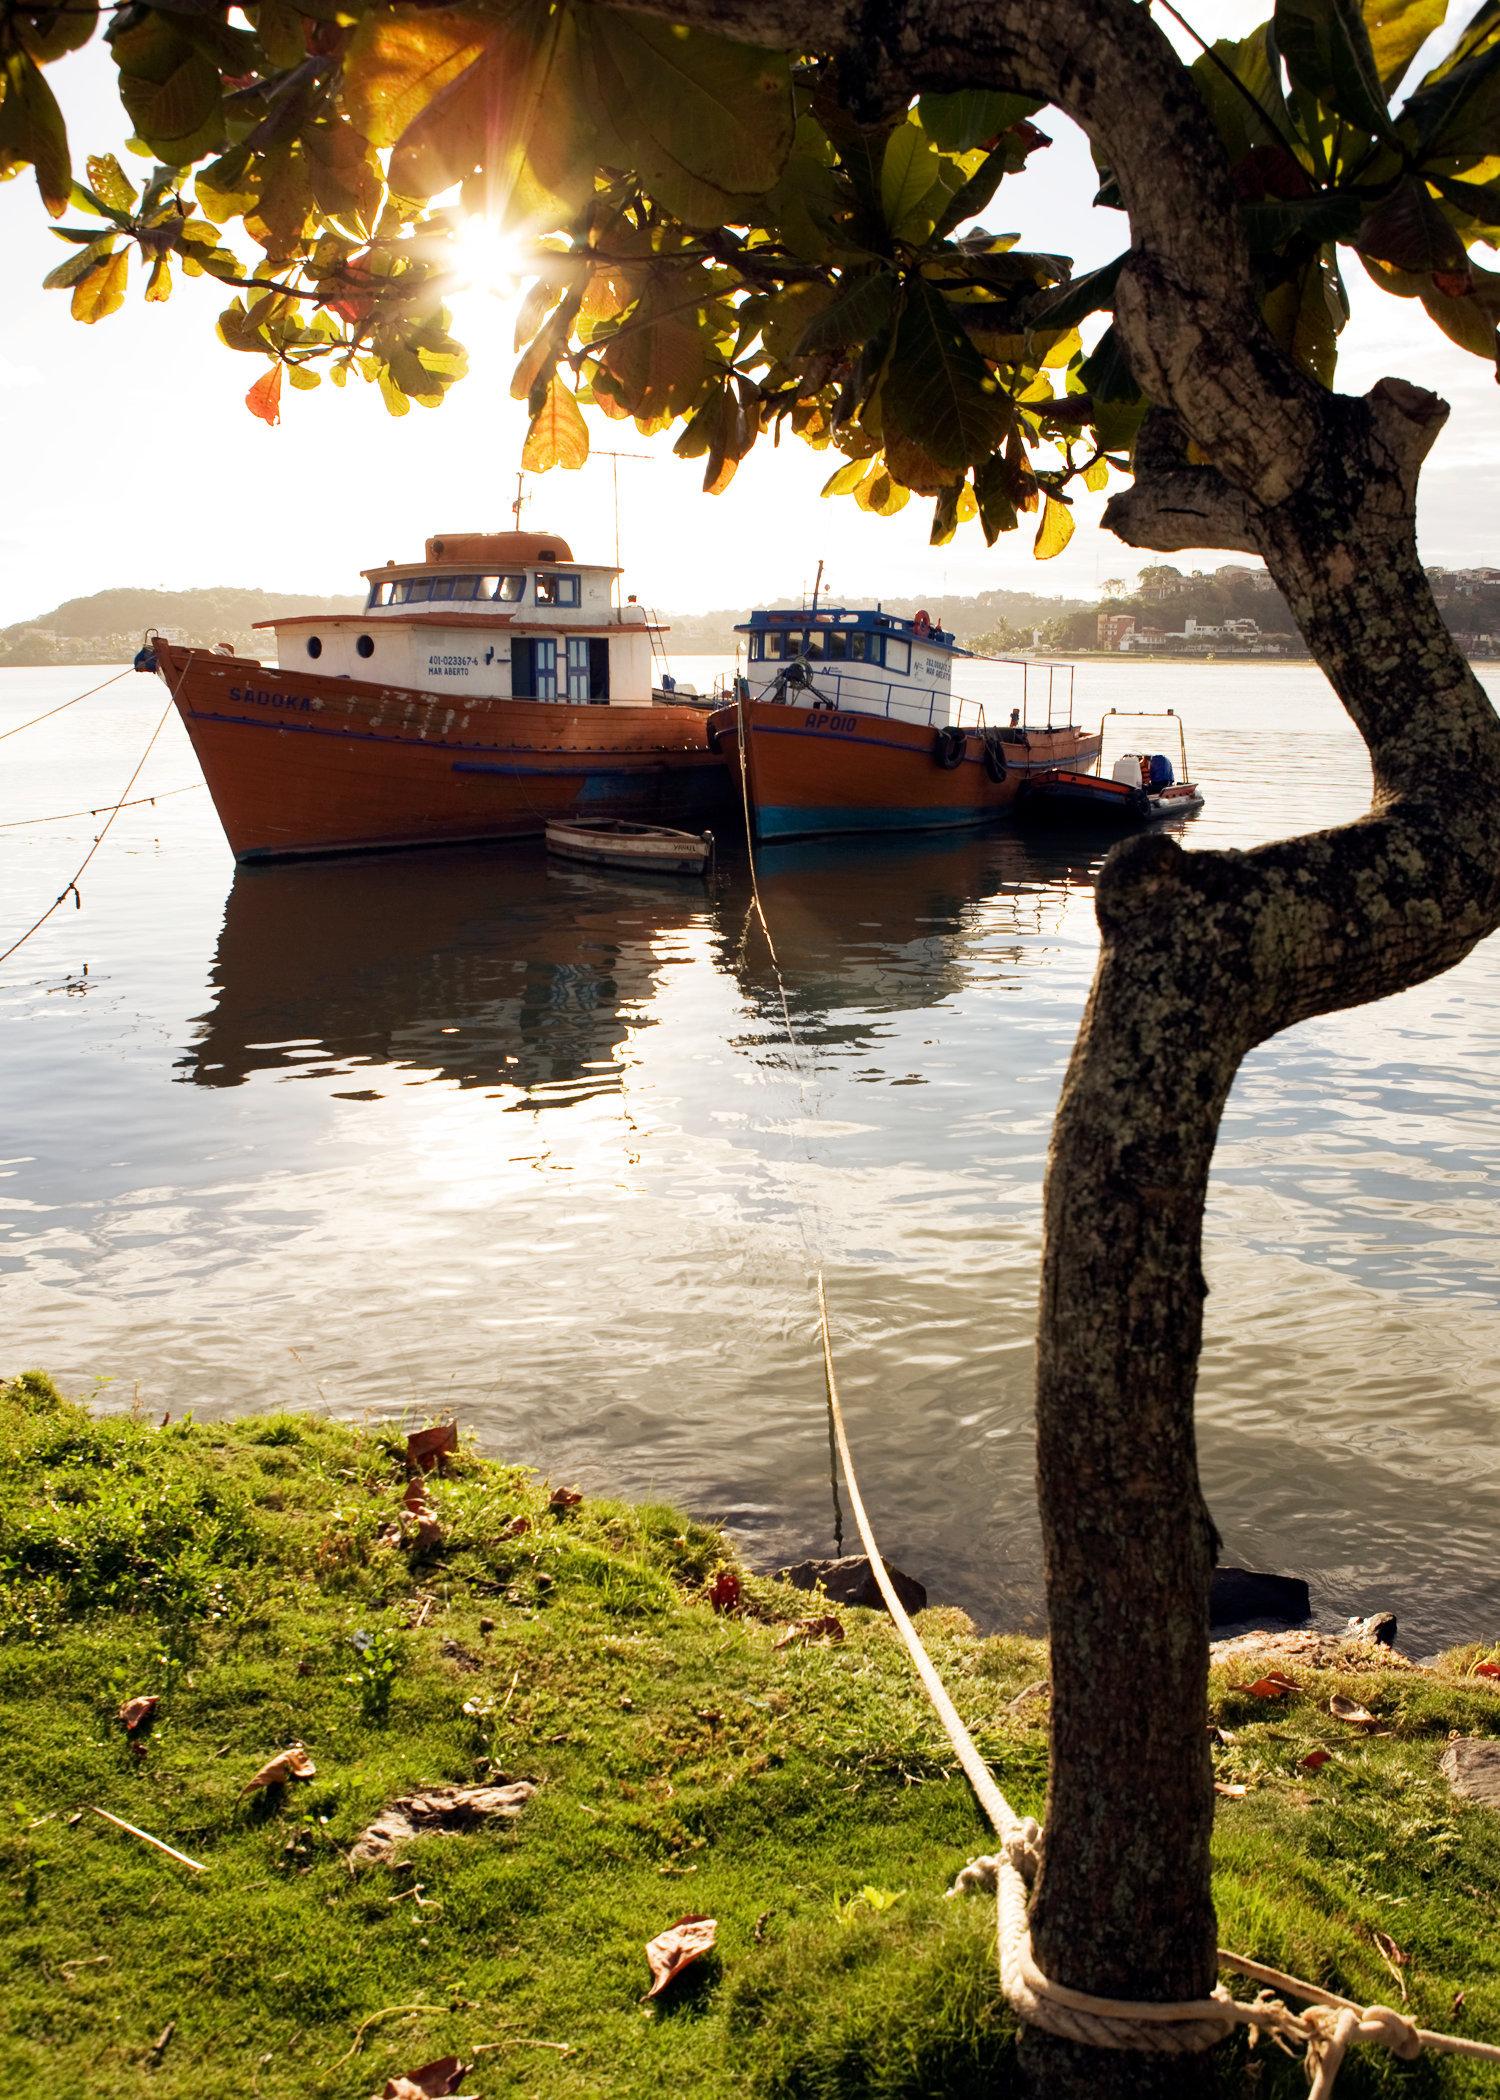 boats.tif